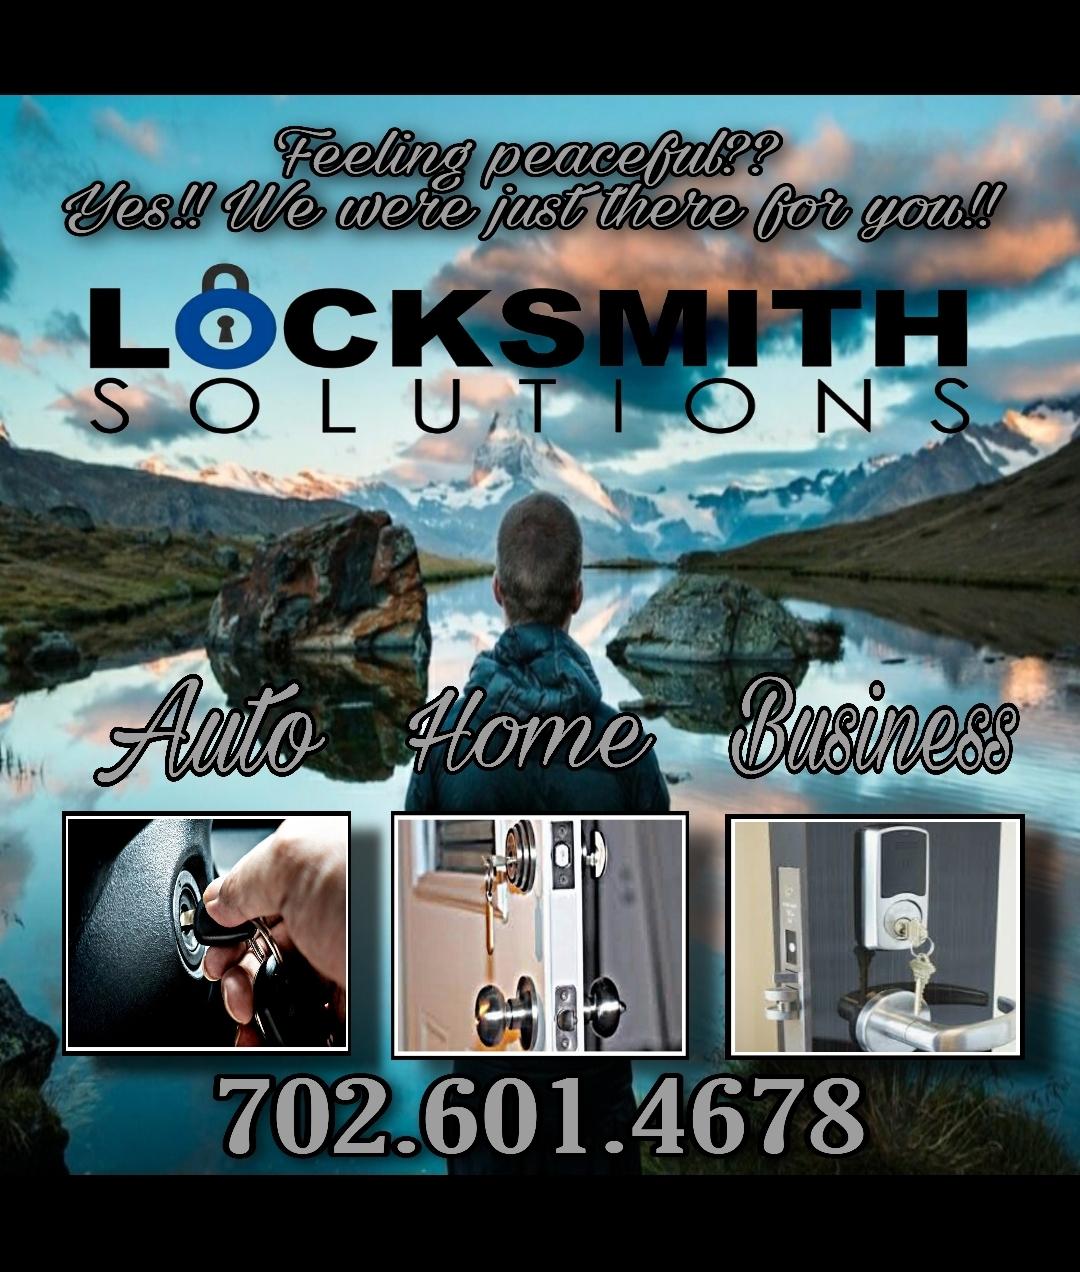 Locksmith Solutions LV